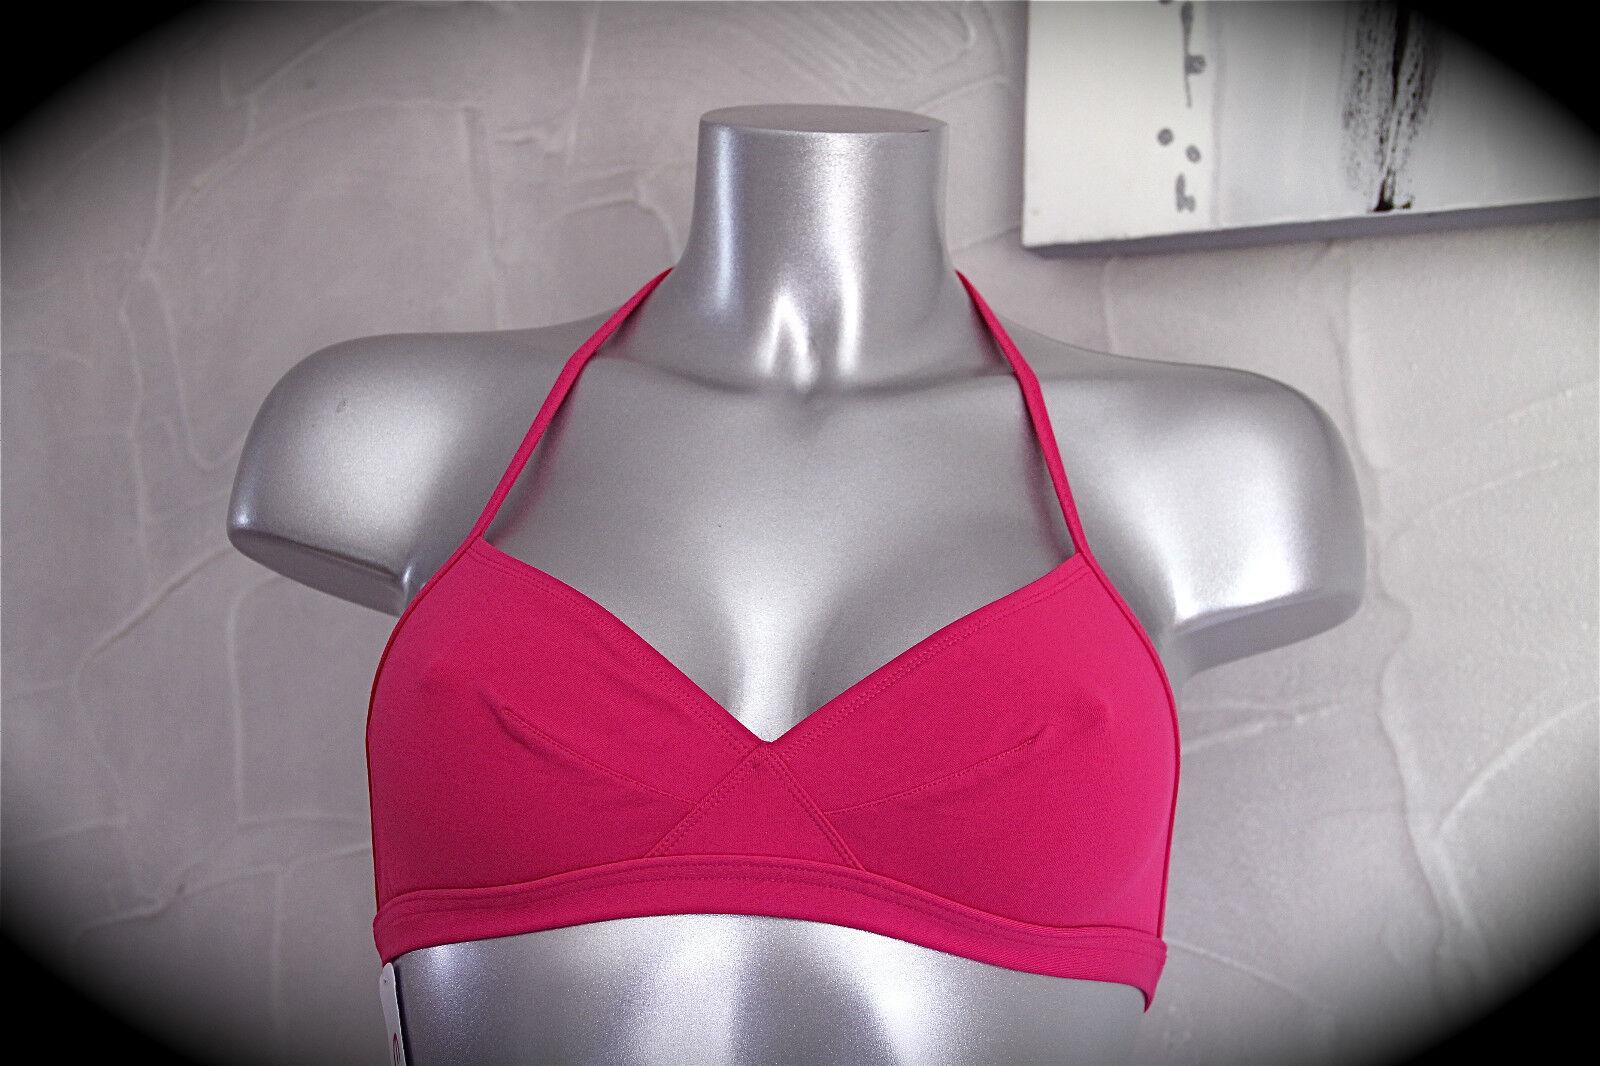 Costume da bagno rosa (top) ERES wanda wanda wanda duni T 40 NUOVO CON ETICHETTA V d9038b